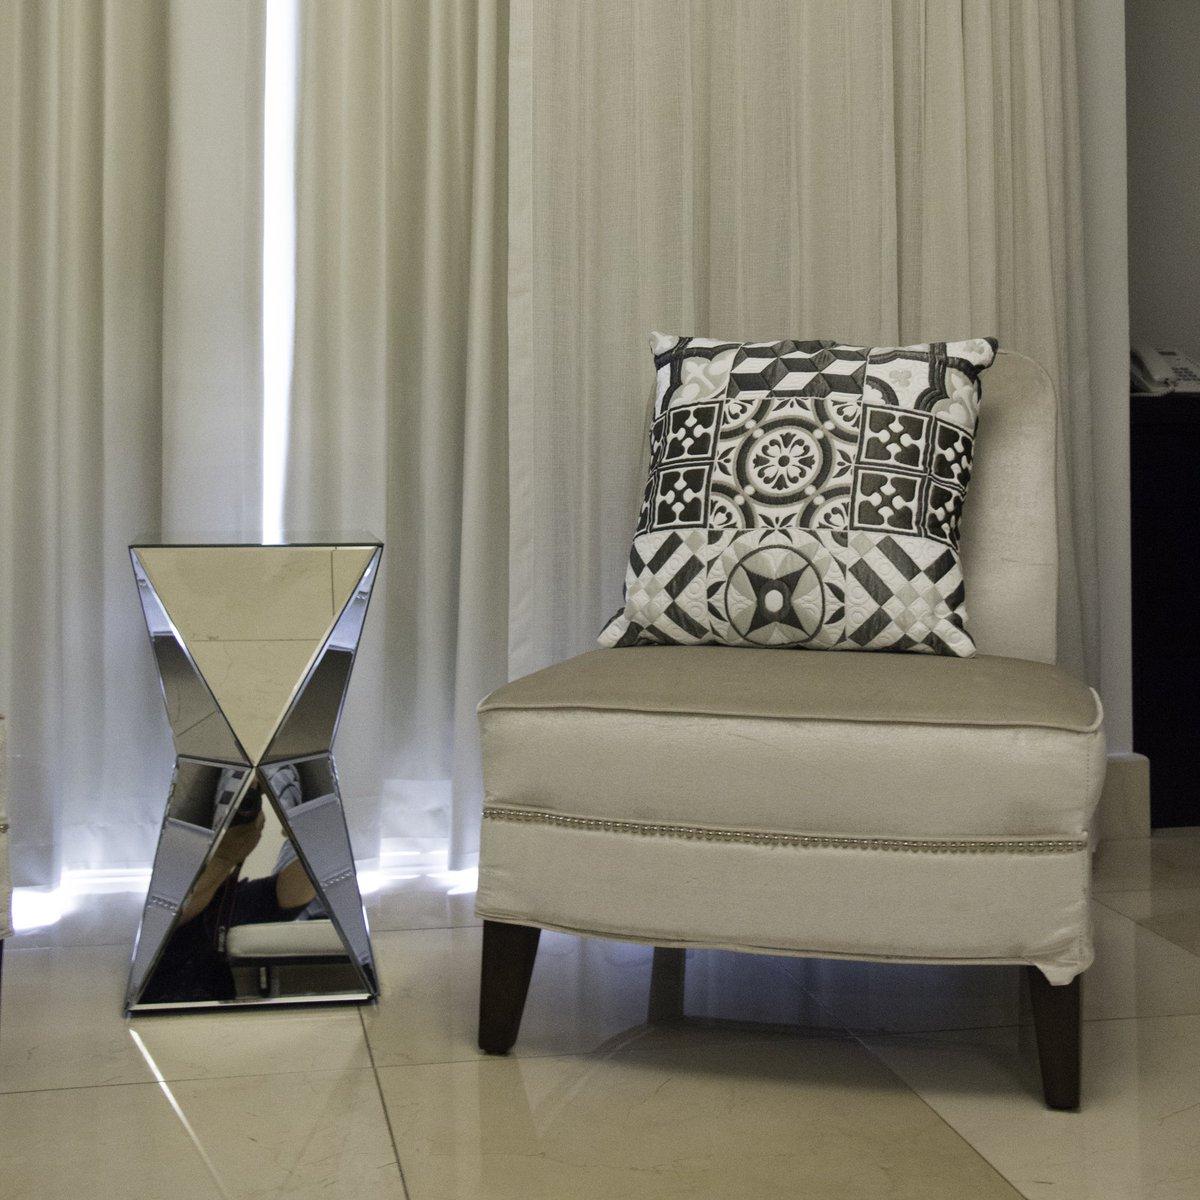 La intimidad de tu habitación merece los mejores detalles. Encuentra velvet para tus sillones y jacquard tommy para los cojines en nuestras tiendas.   #ImaginaTodoloquePuedesCrear #Crealo #Diseñalo #Imagínalo